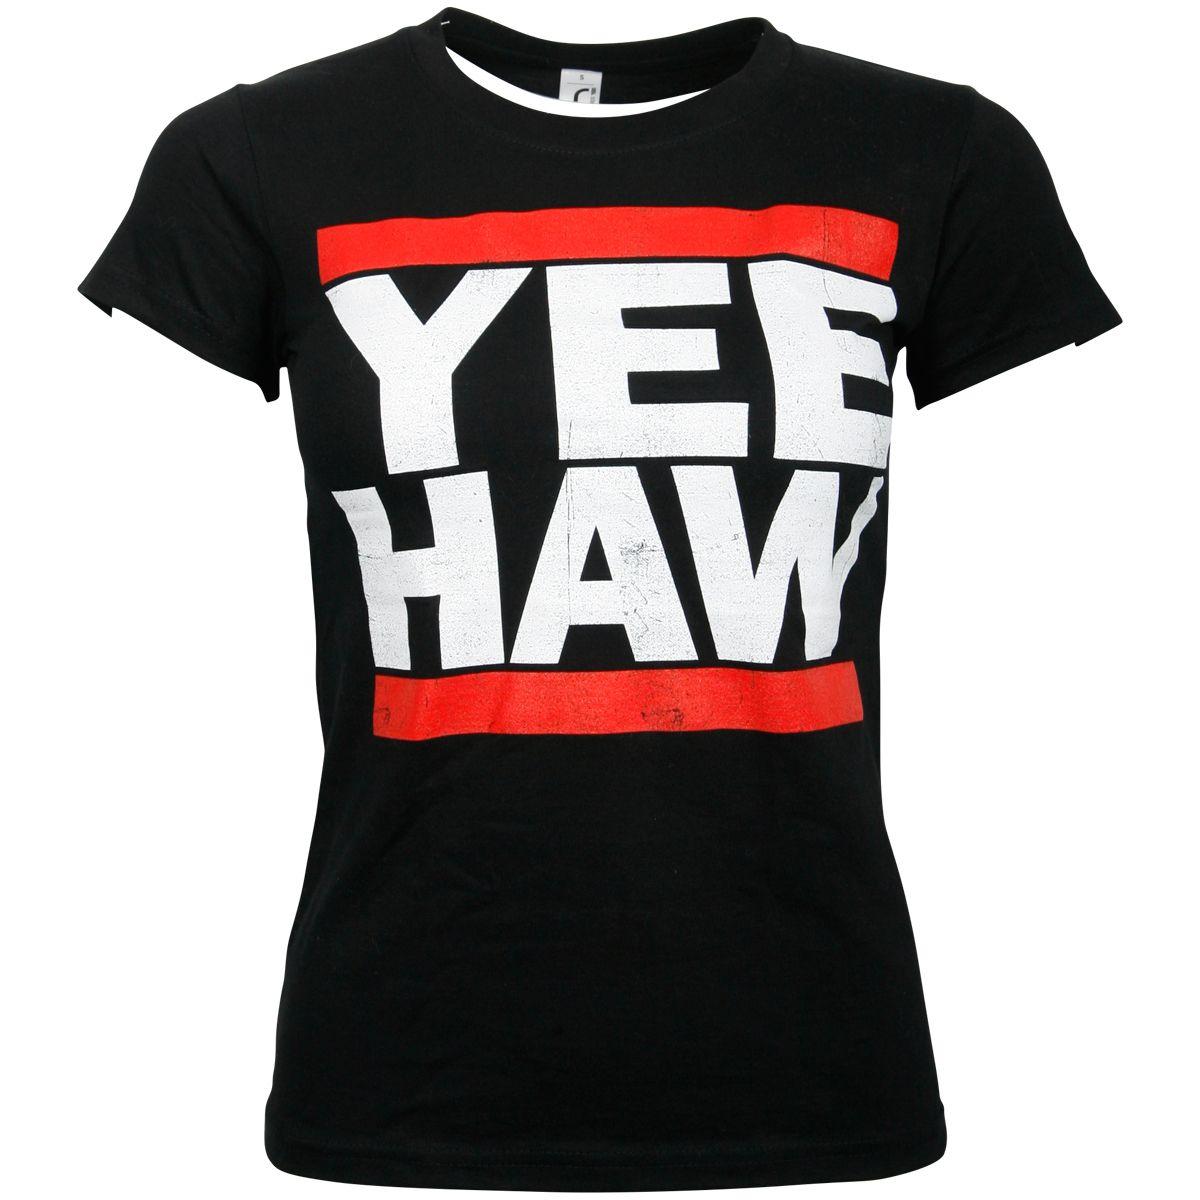 The Bosshoss - Damen T-Shirt Yee Haw - schwarz